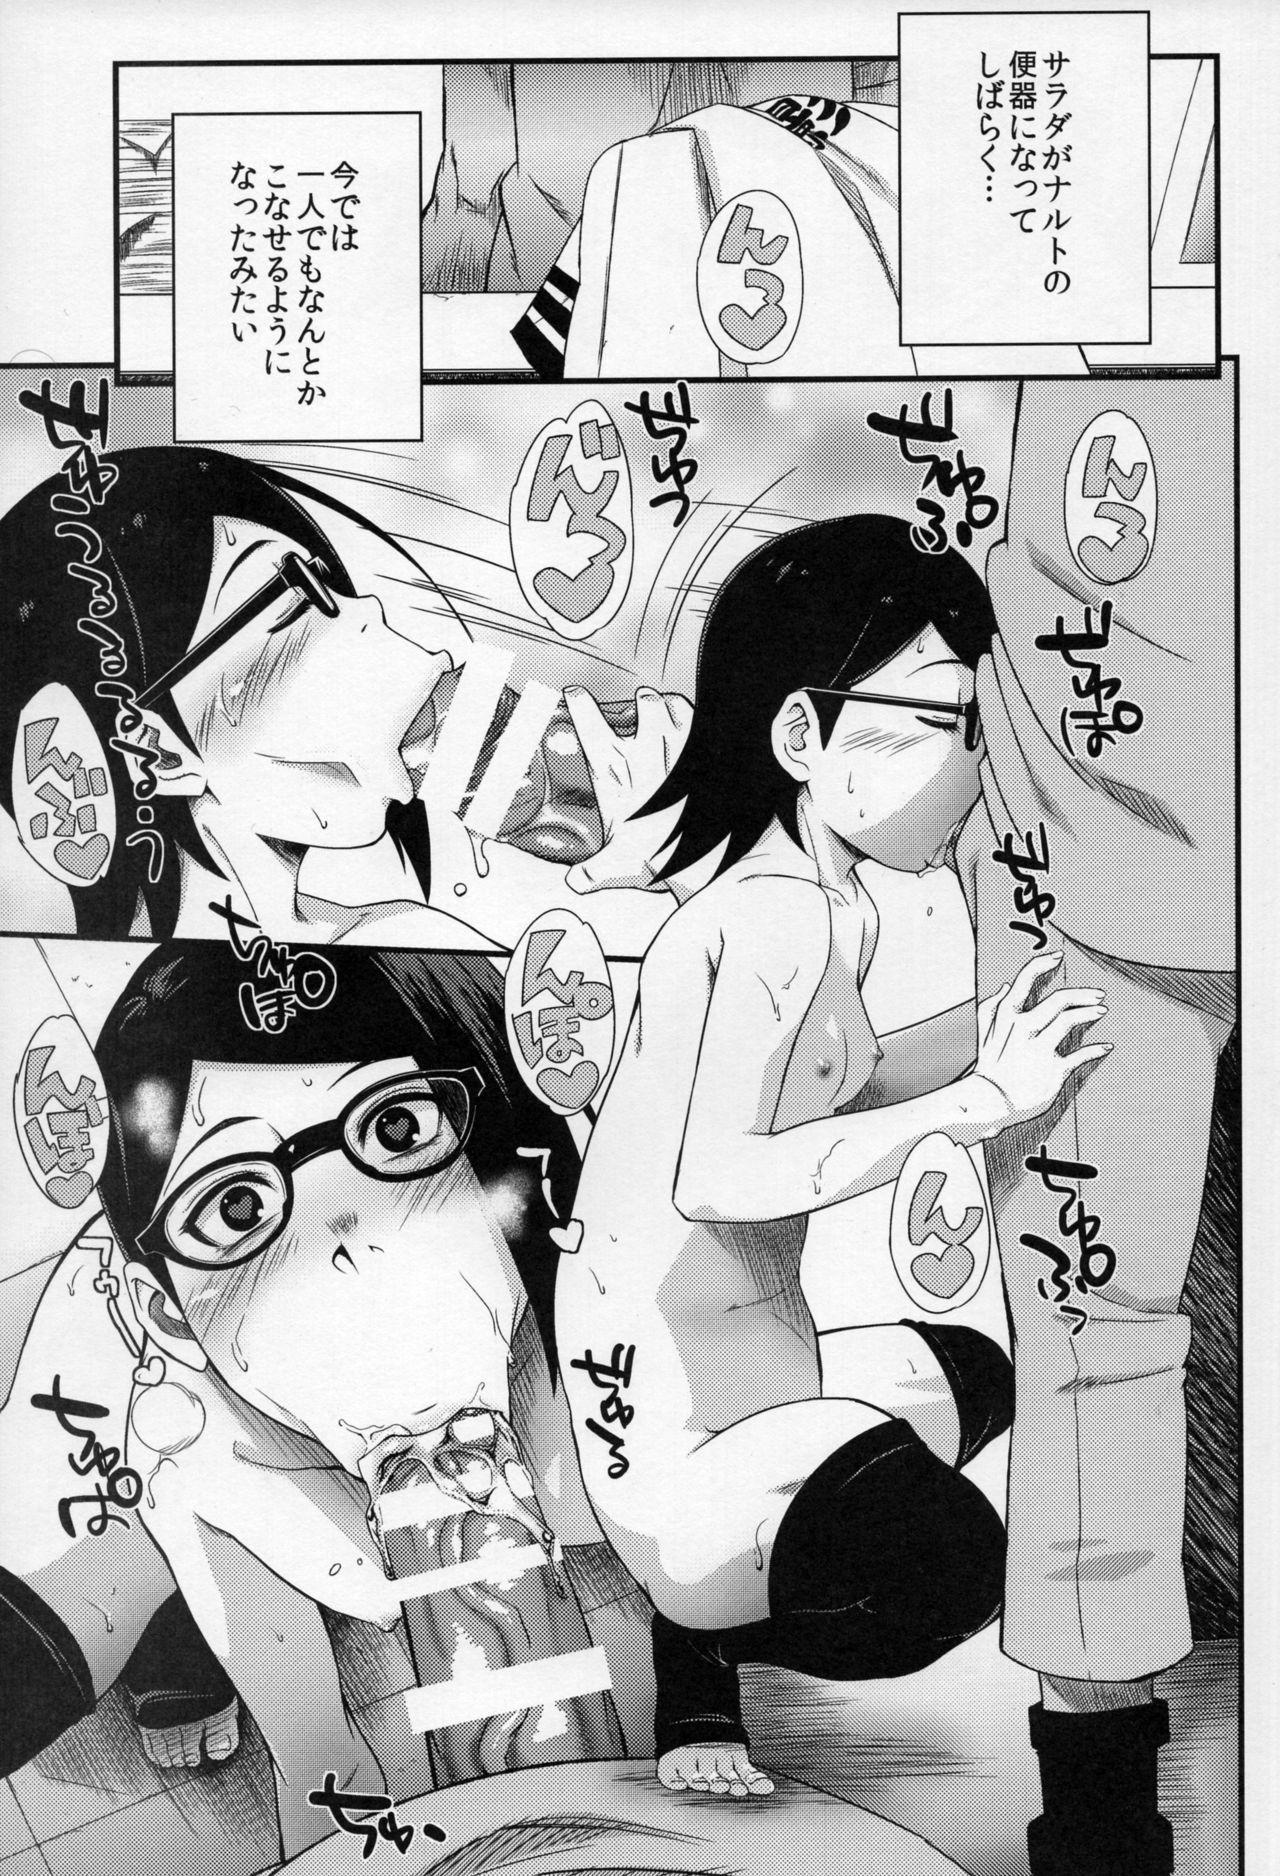 Konoha-don Tokumori 2